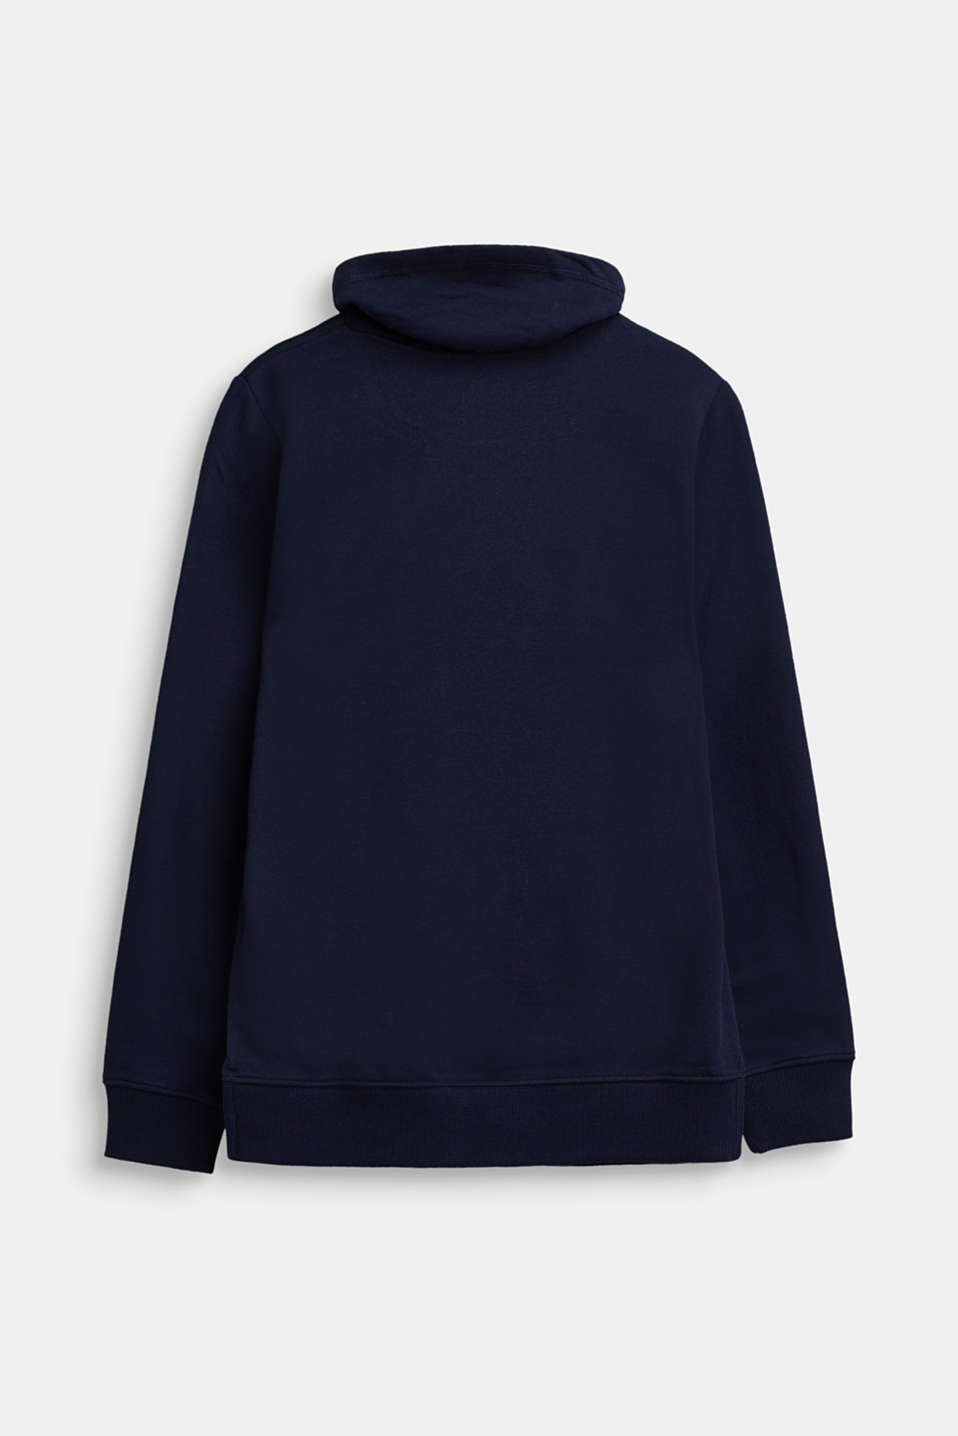 100% cotton jumper, LCNAVY, detail image number 1